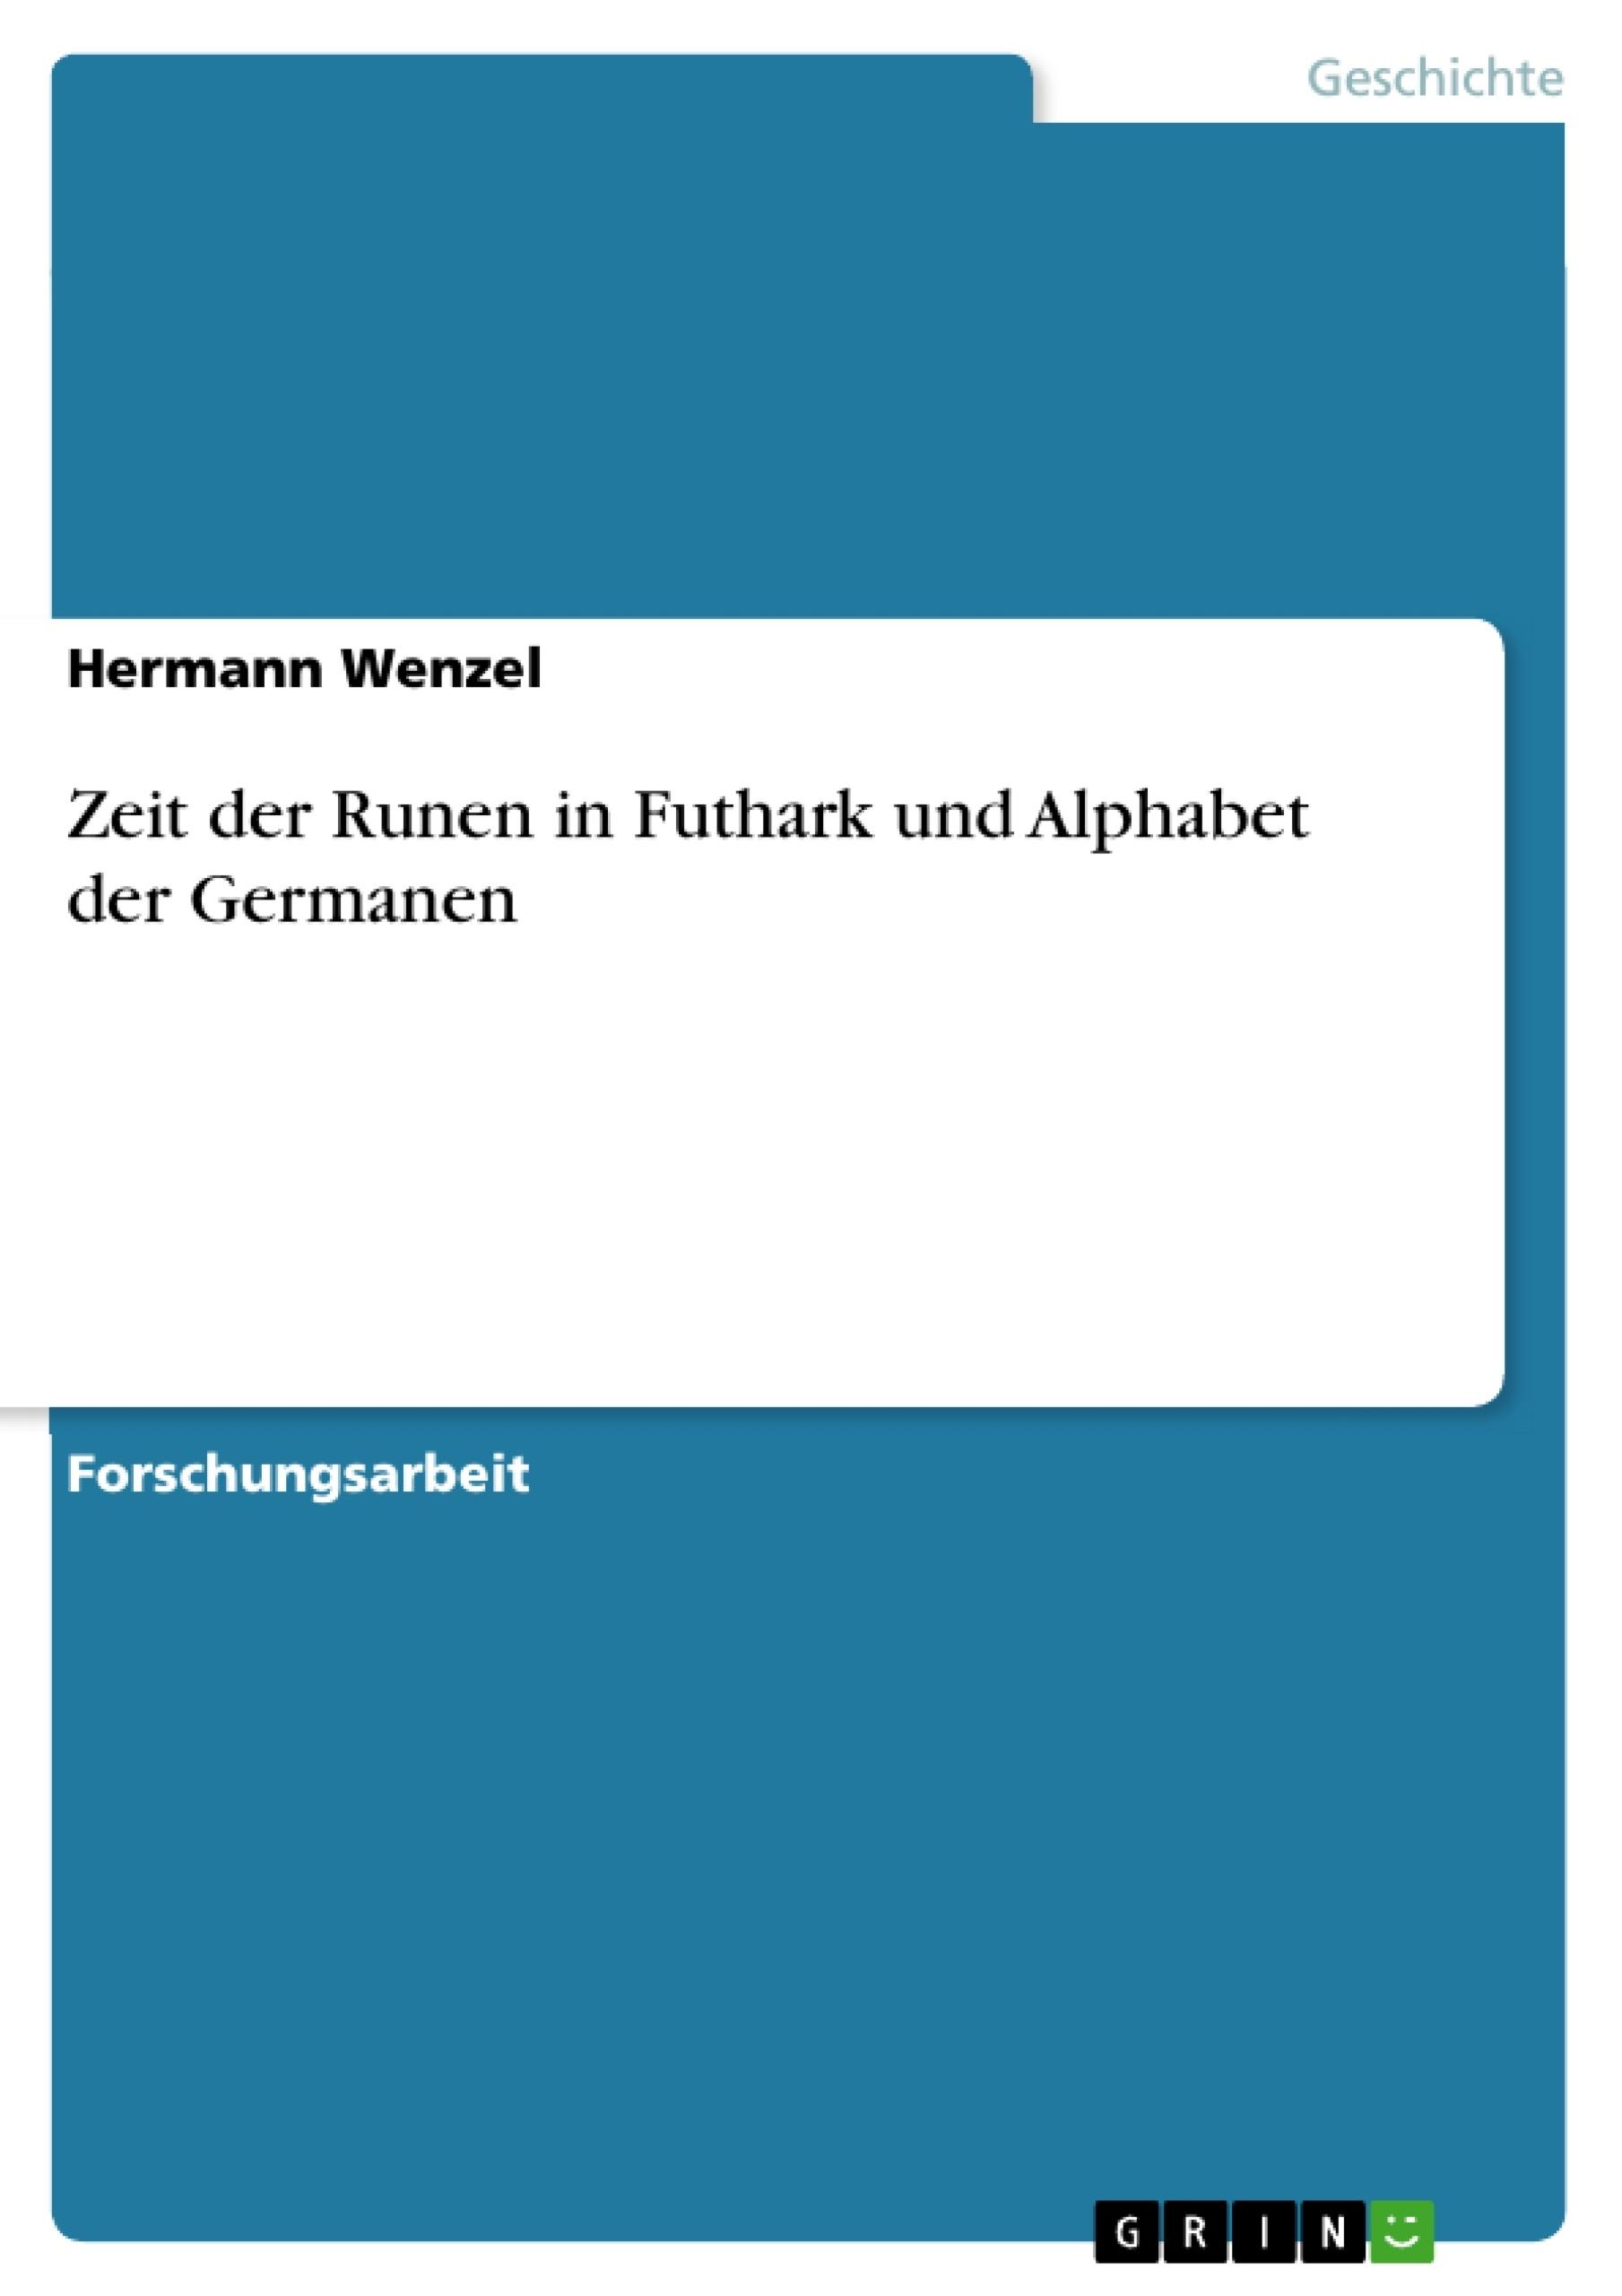 Titel: Zeit der Runen in Futhark und Alphabet der Germanen